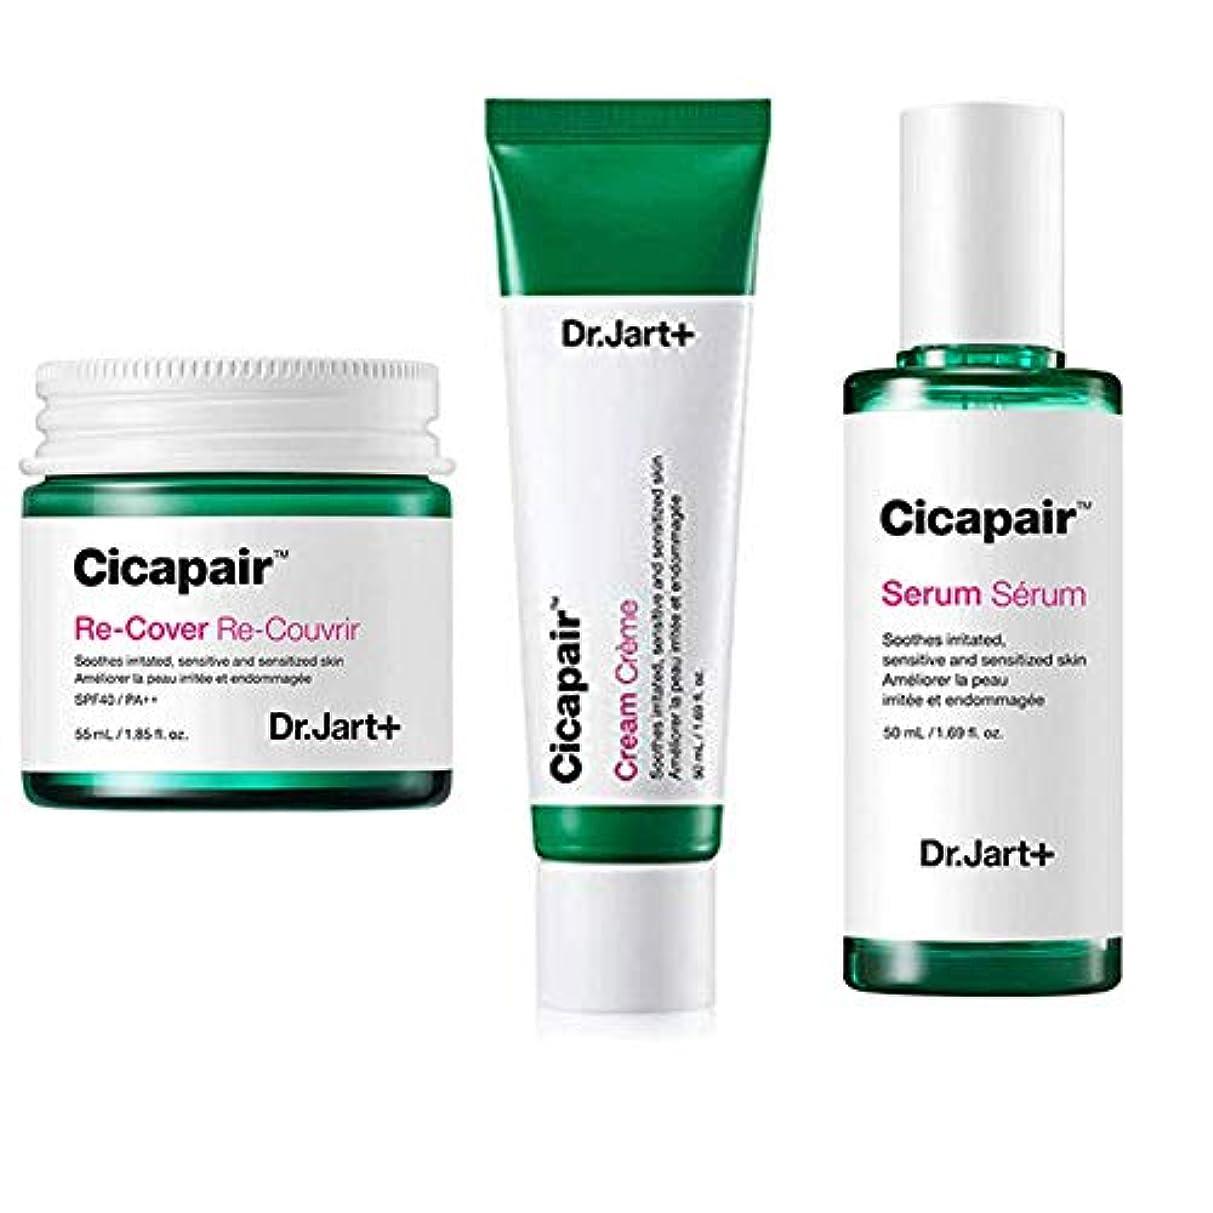 元の日常的に一流Dr.Jart+ Cicapair Cream + ReCover + Serum ドクタージャルトシカペアクリーム50ml + リカバー 55ml + セラム 50ml(2代目) セット [並行輸入品]